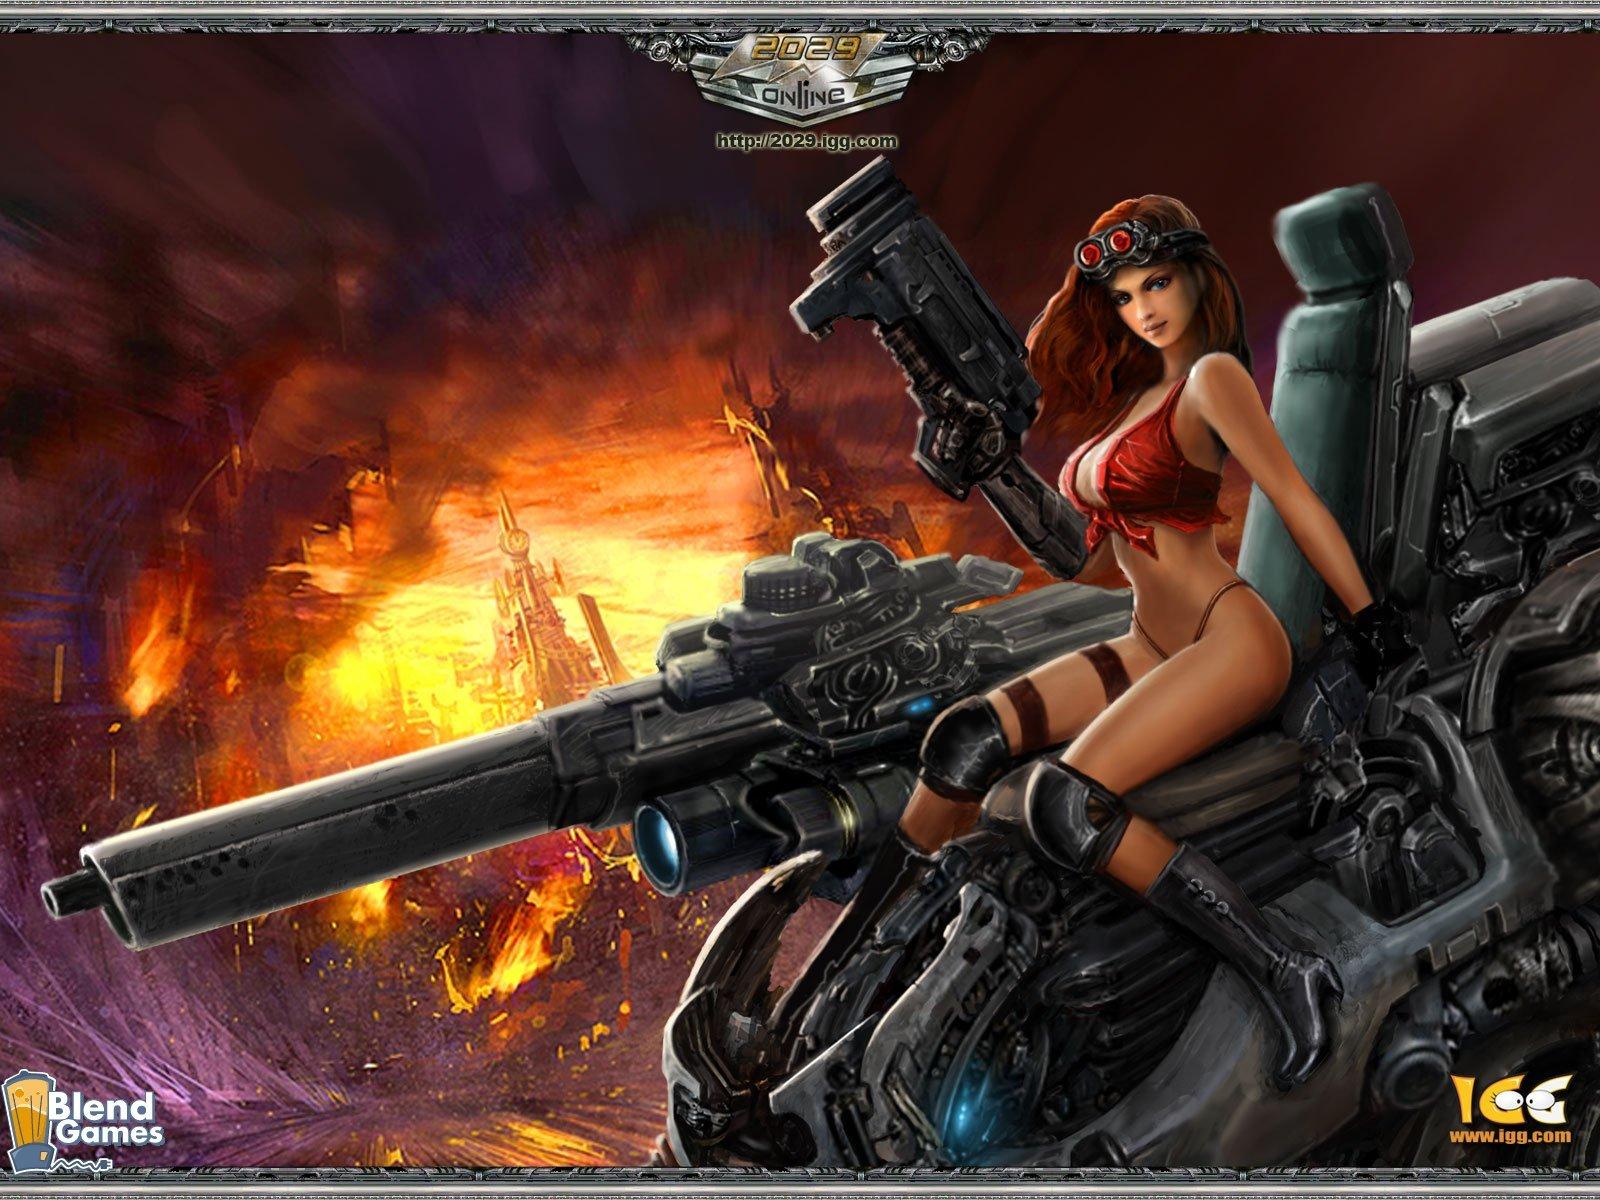 Online 3d nake games naked image